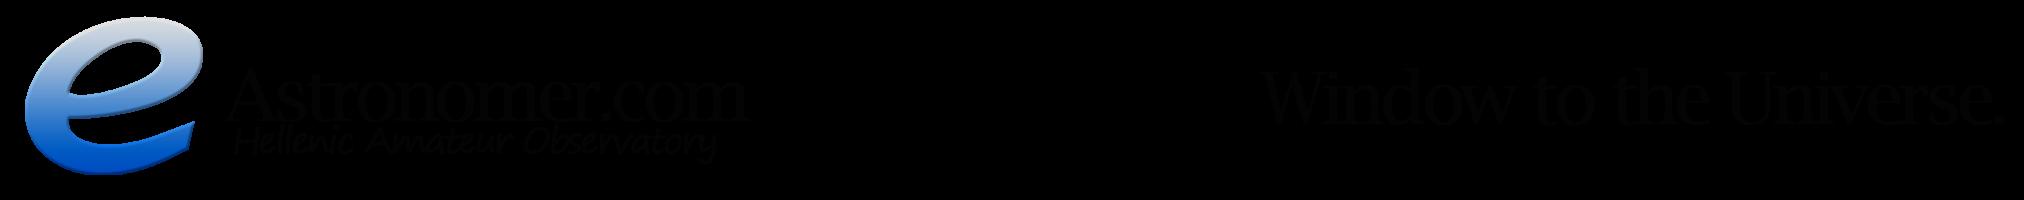 e-Astronomer.com